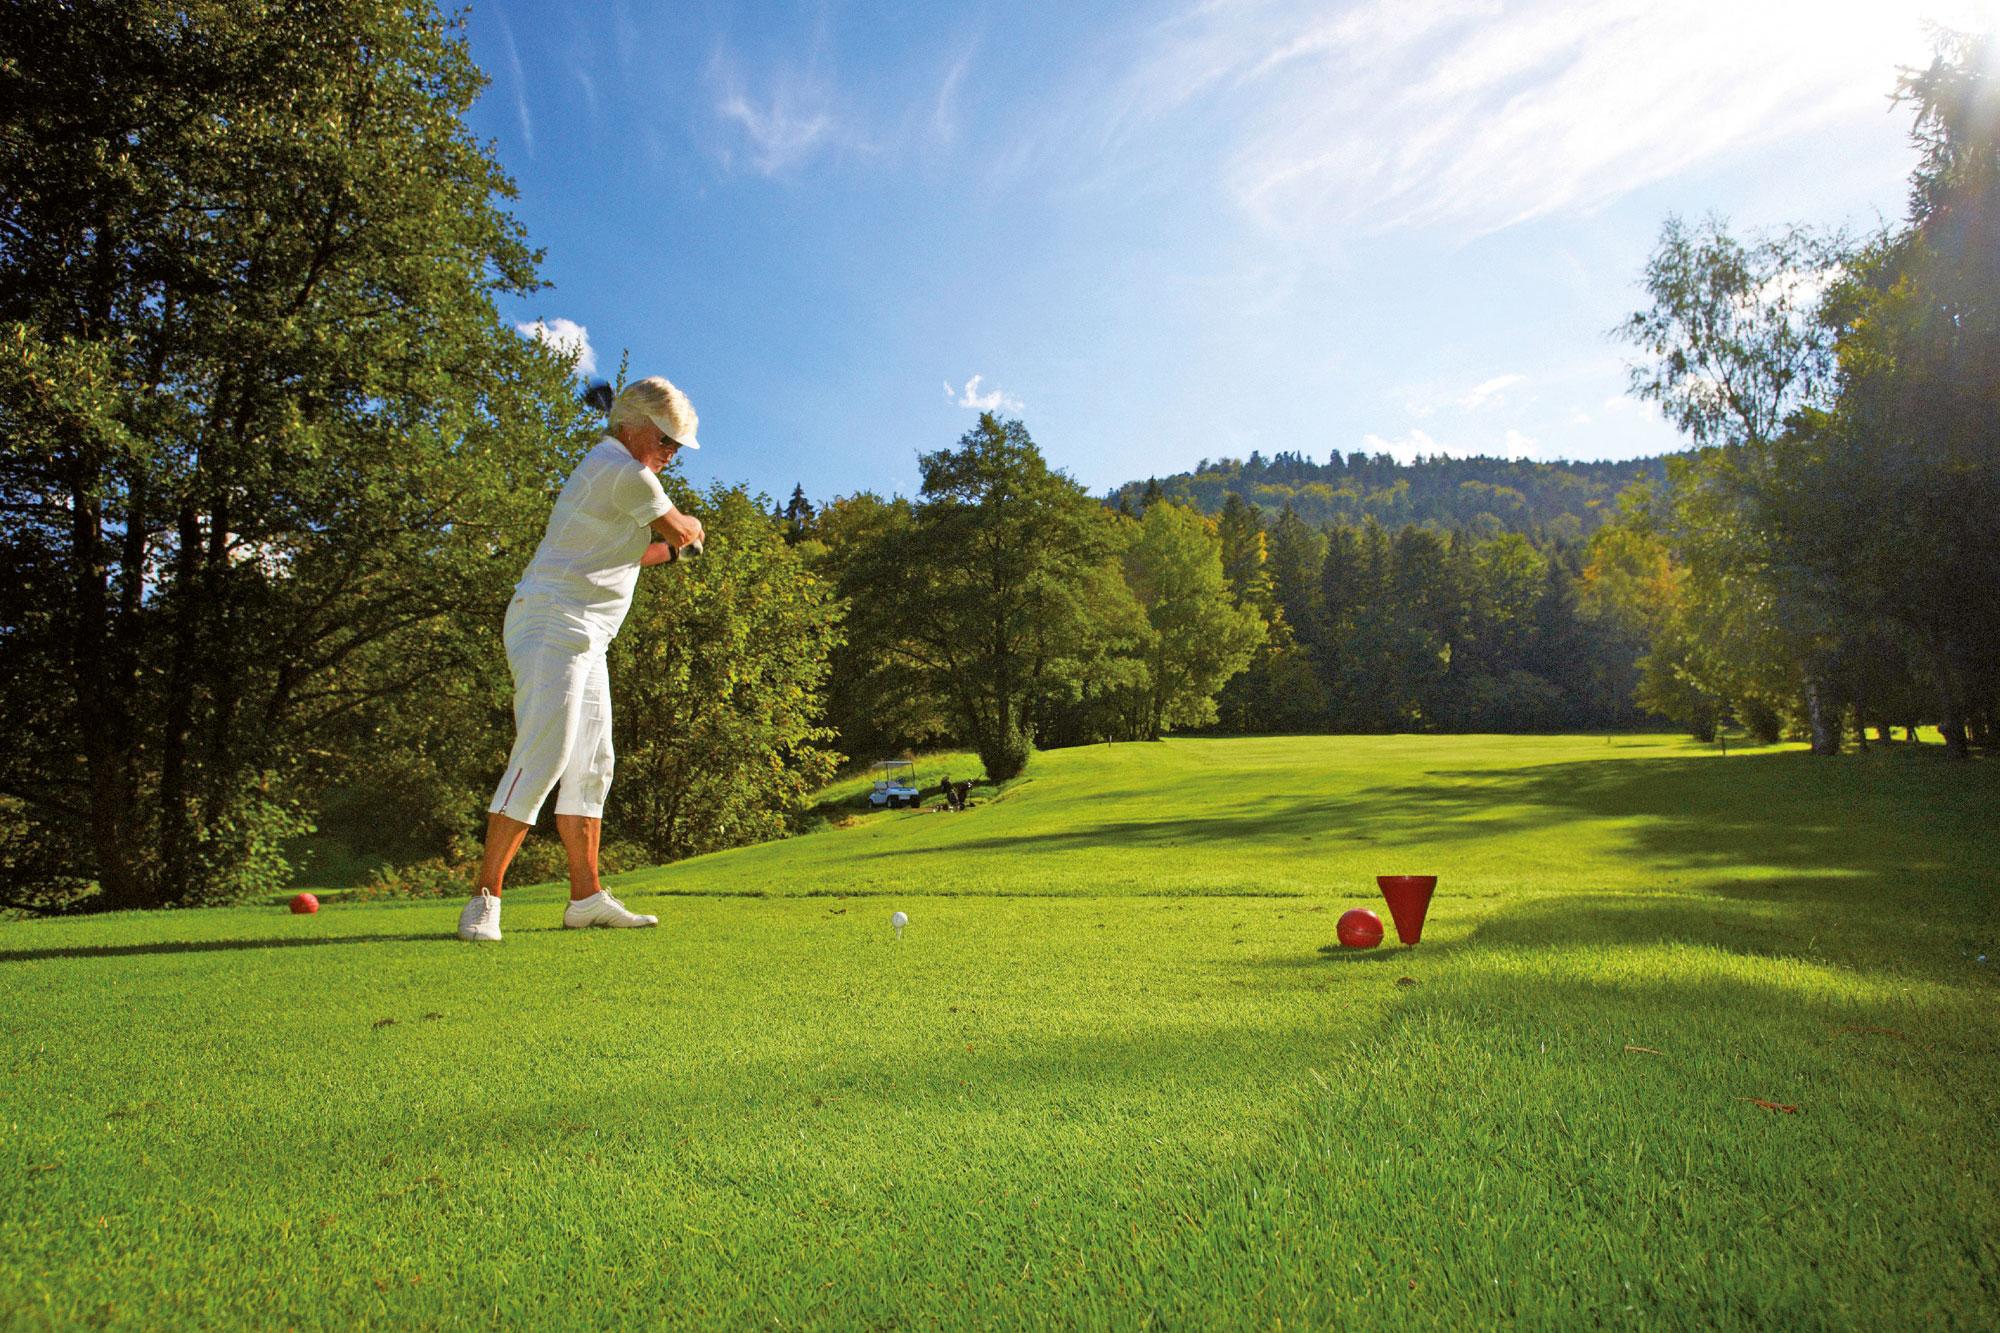 Frau beim Golfen auf dem Golfplatz